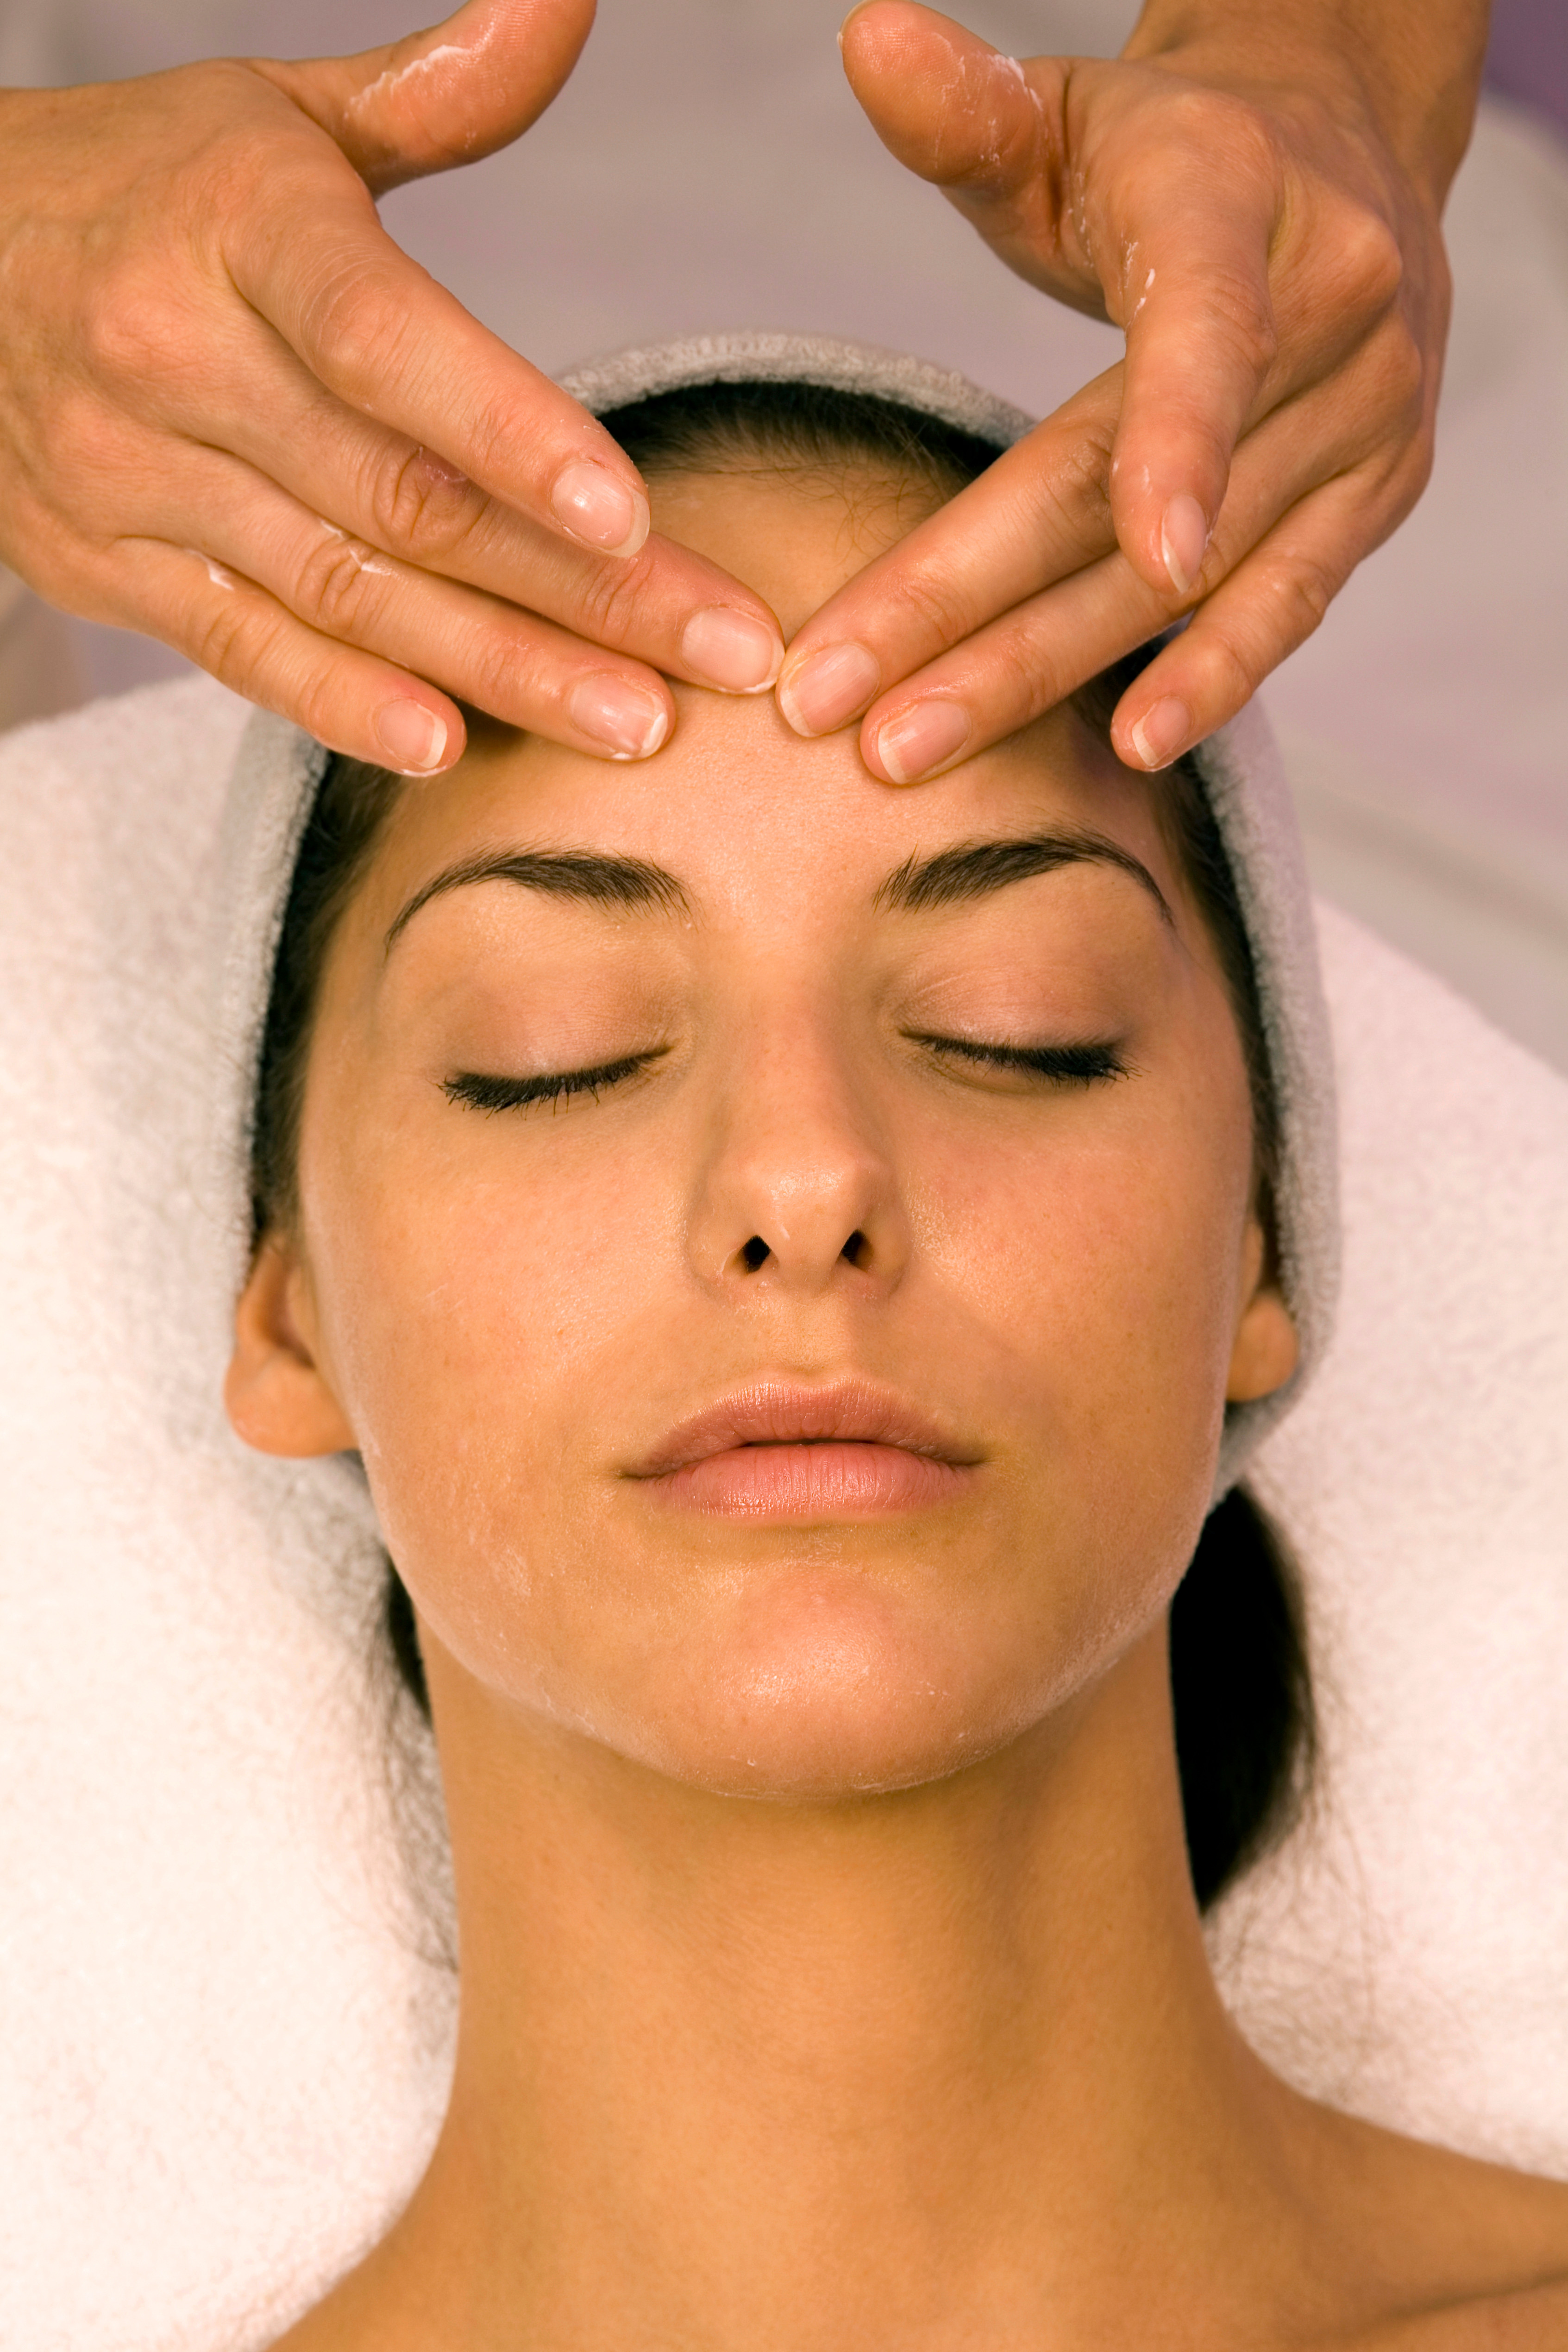 Fast massage antistress